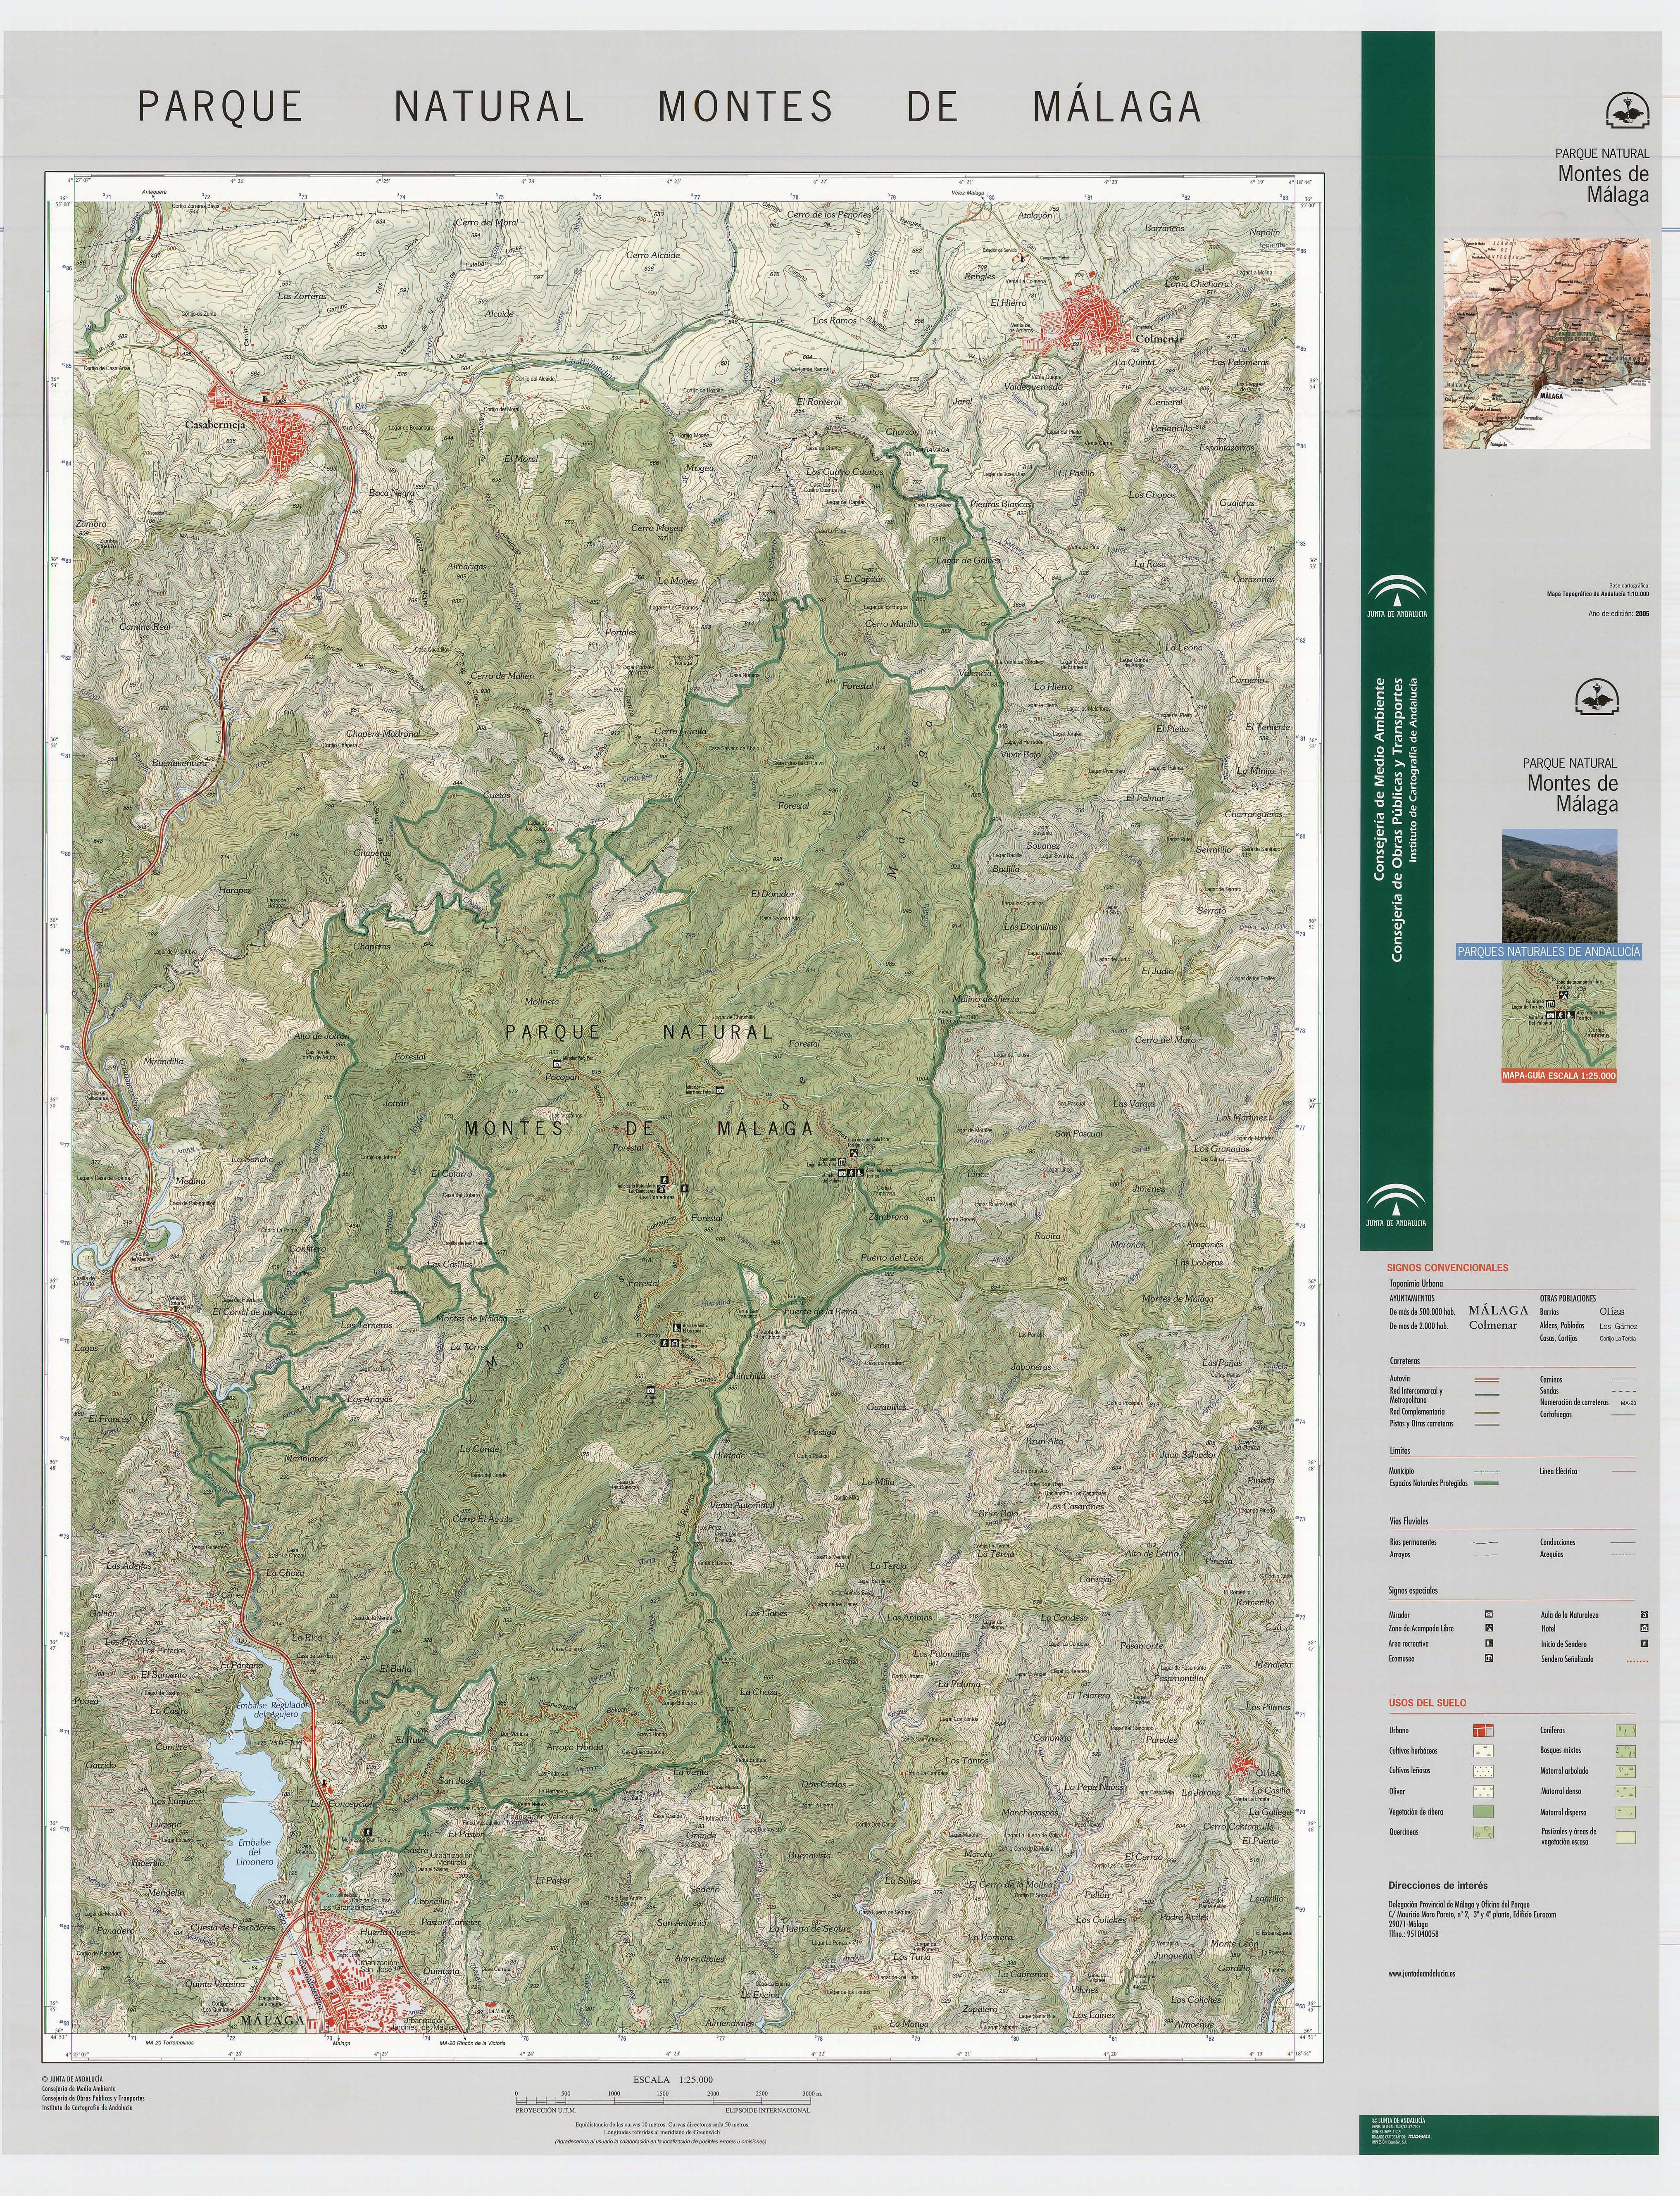 Montes de Malaga Natural Park 2005